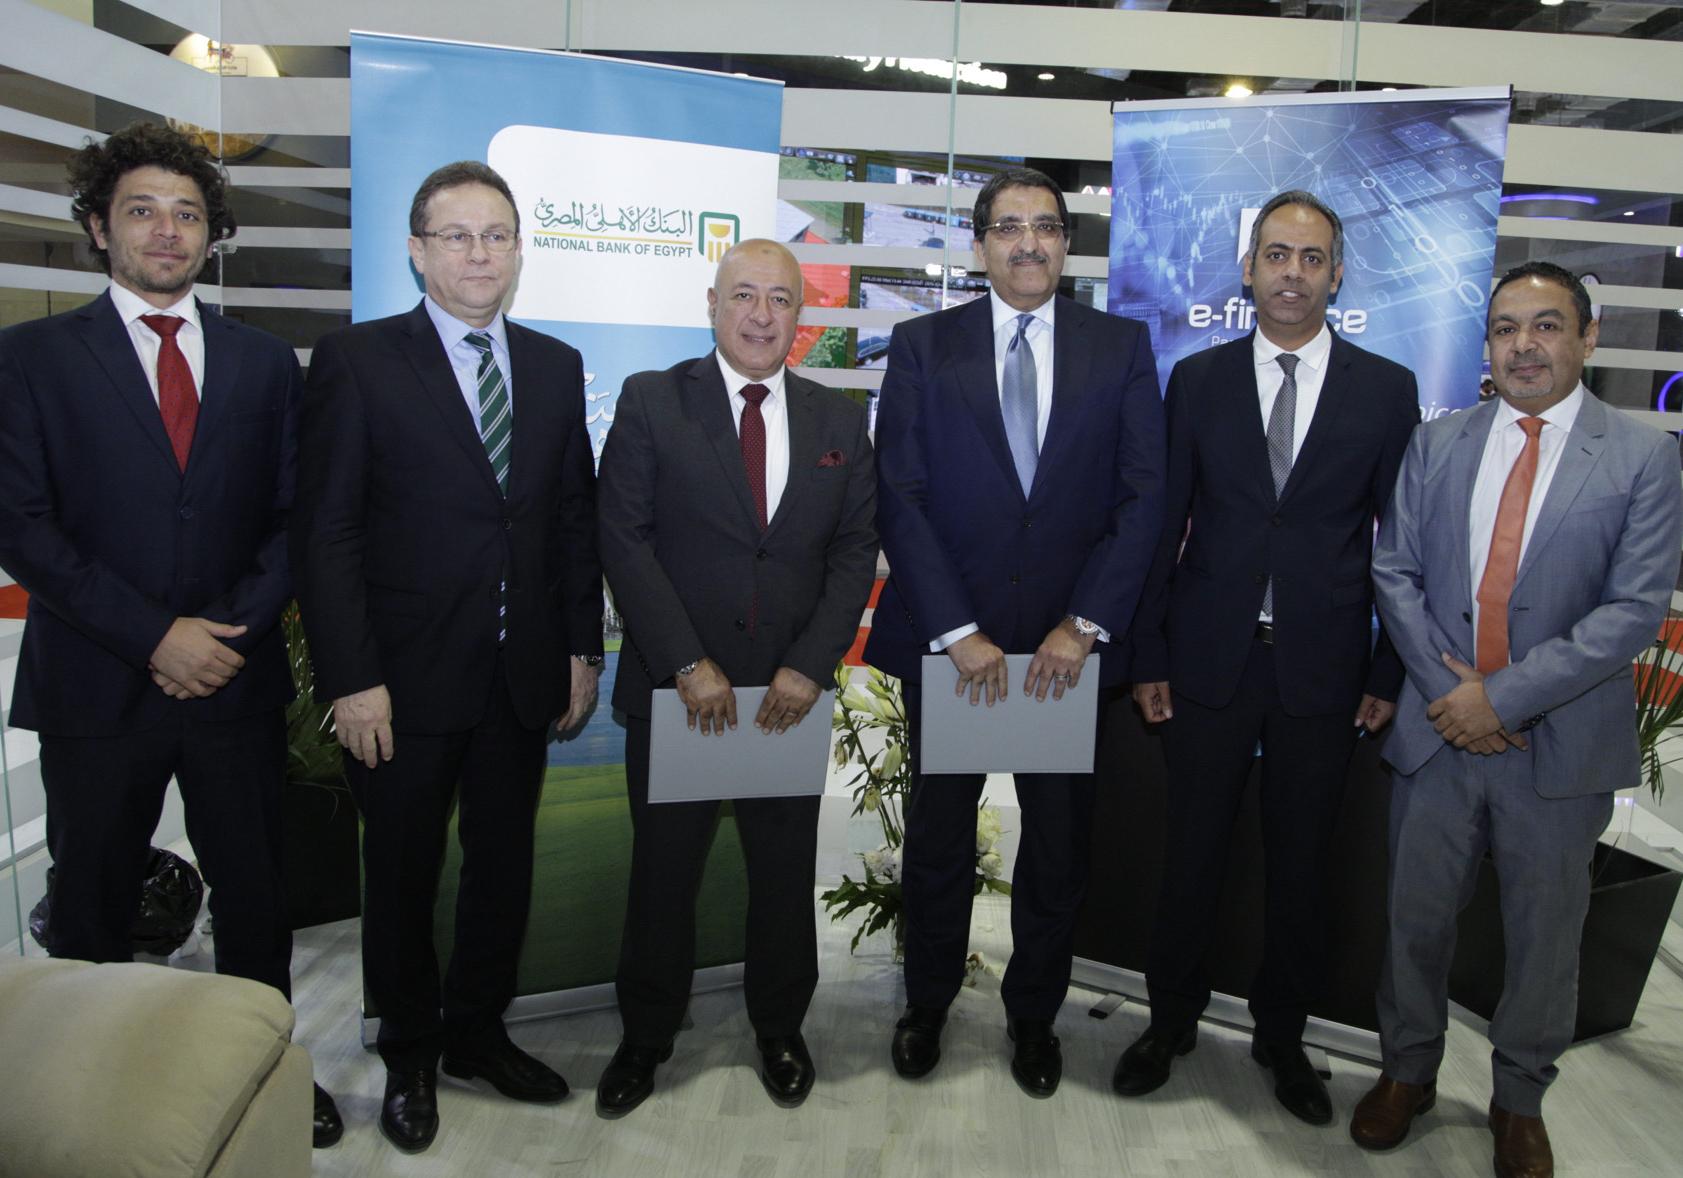 البنك الاهلي المصري يوقع بروتوكول تعاون مع